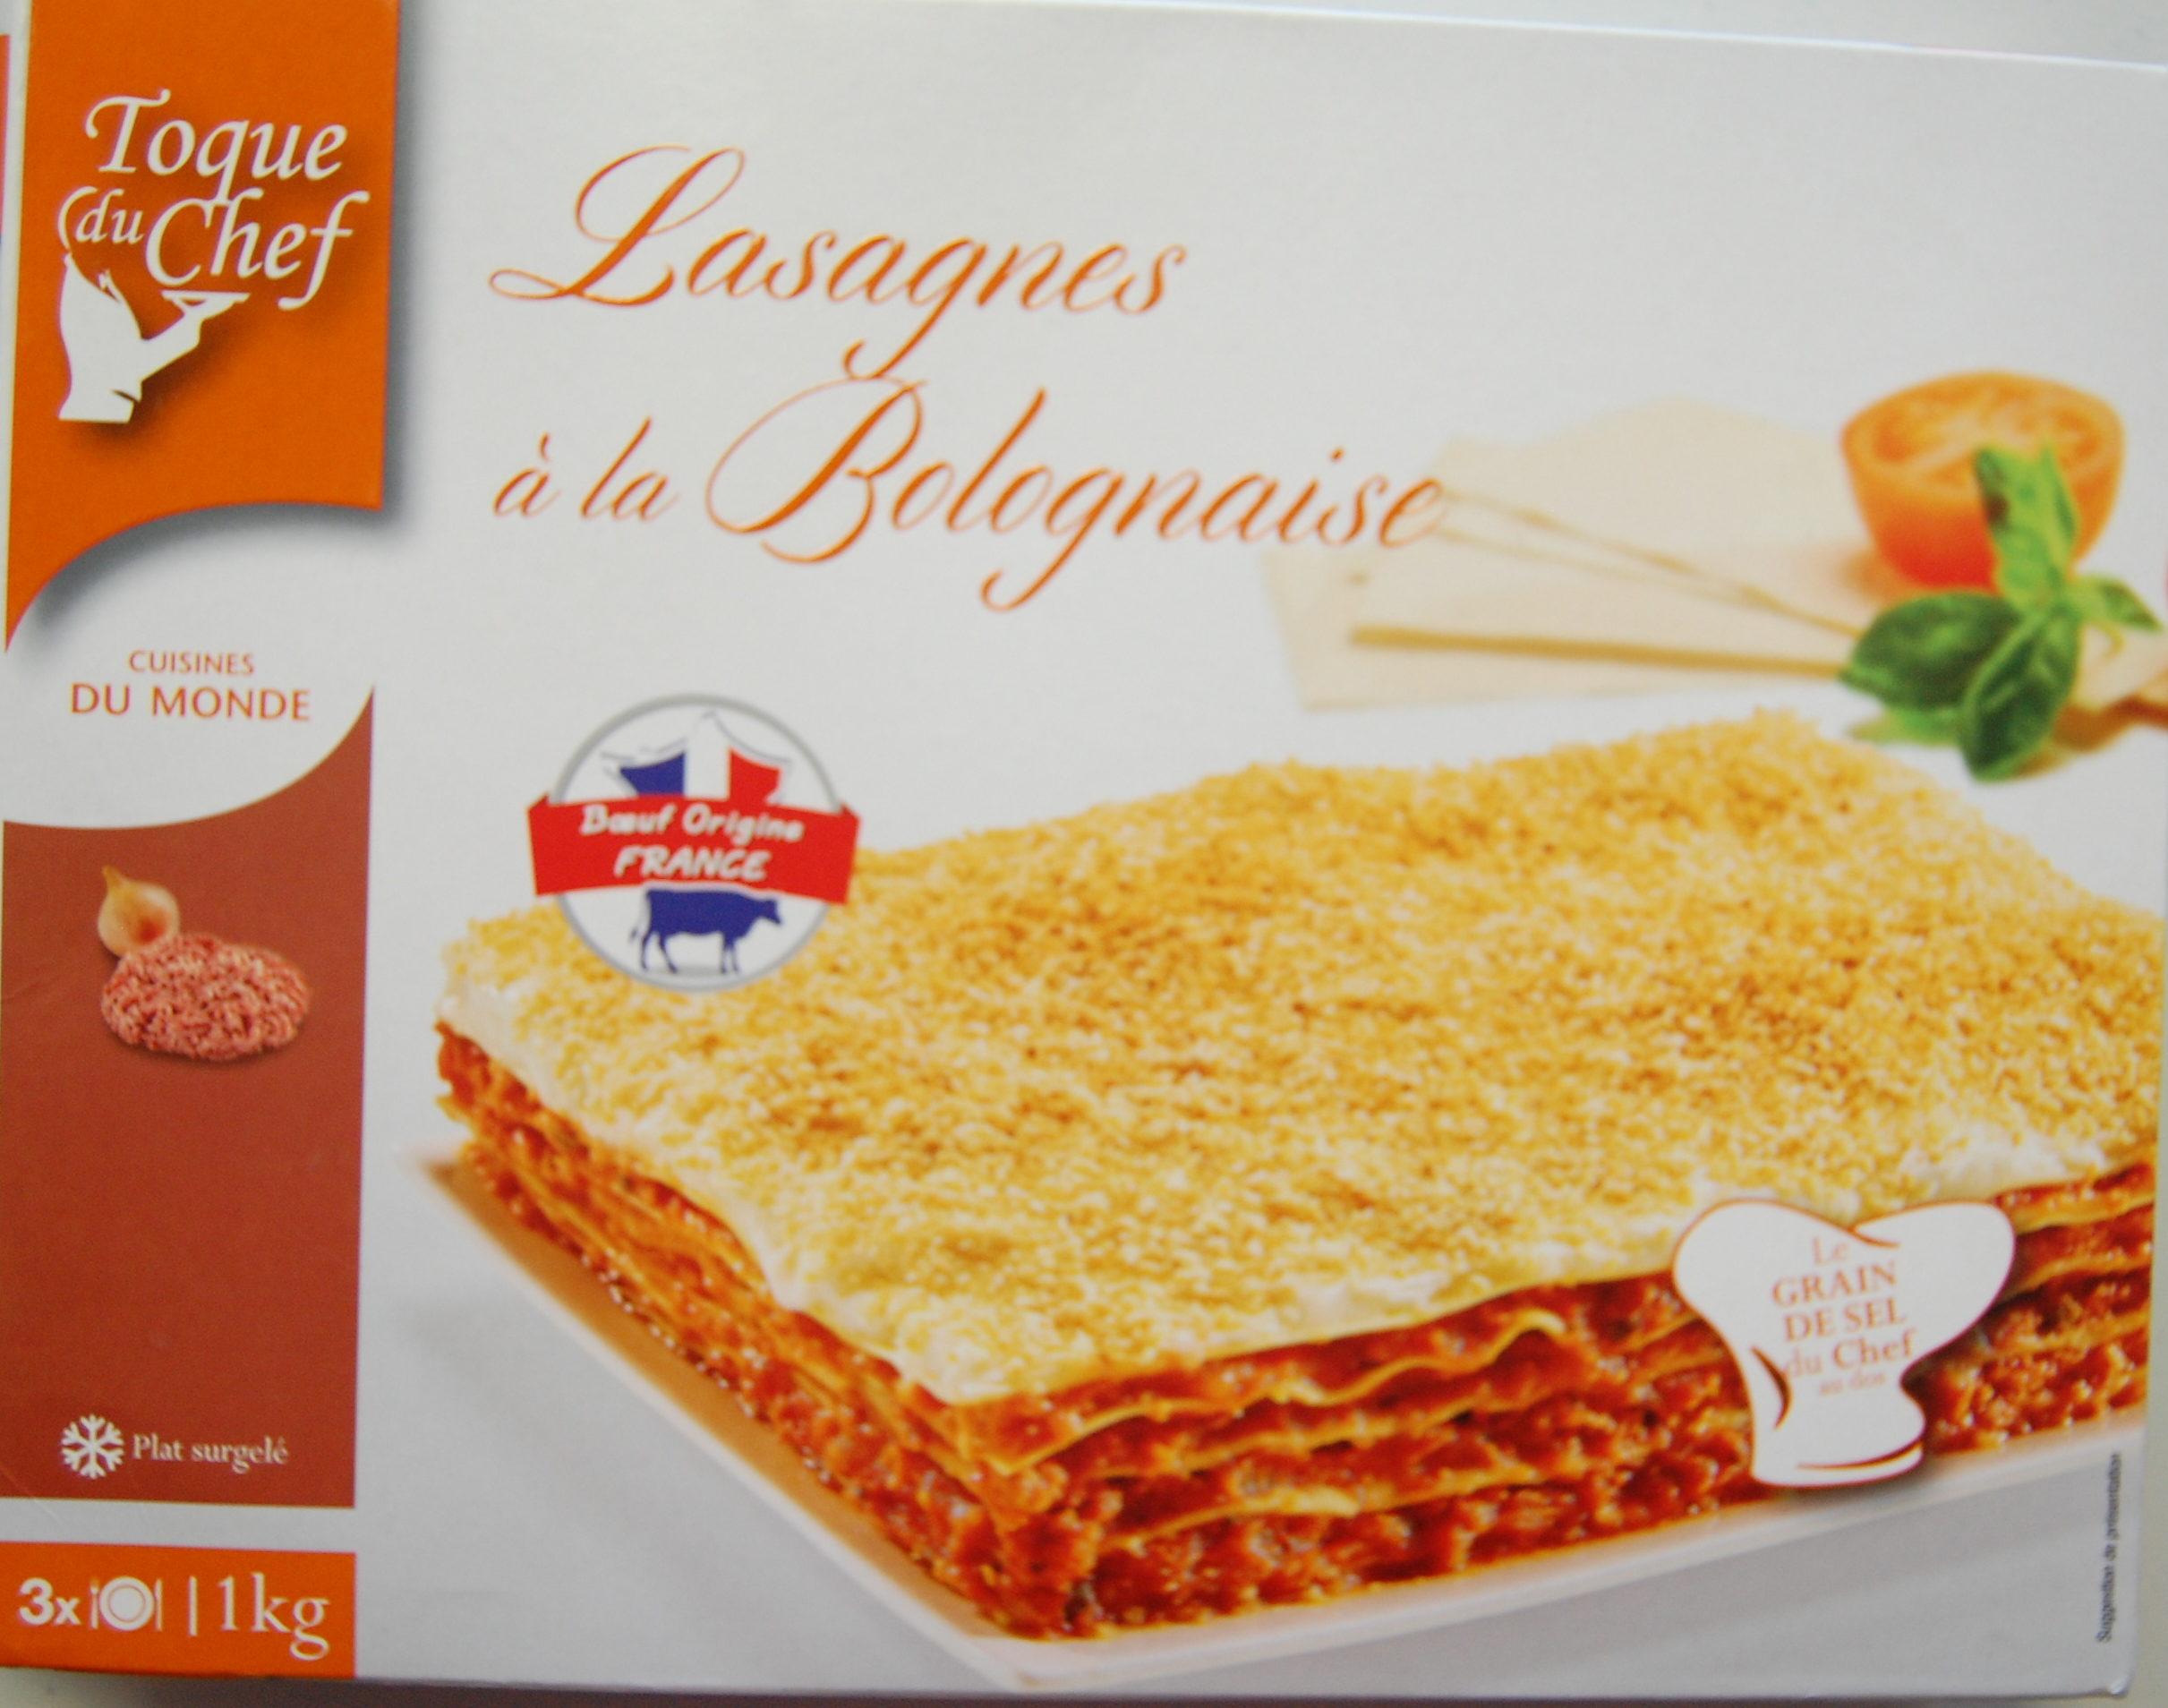 lasagnes à la bolognaise - toque du chef - 1 kg